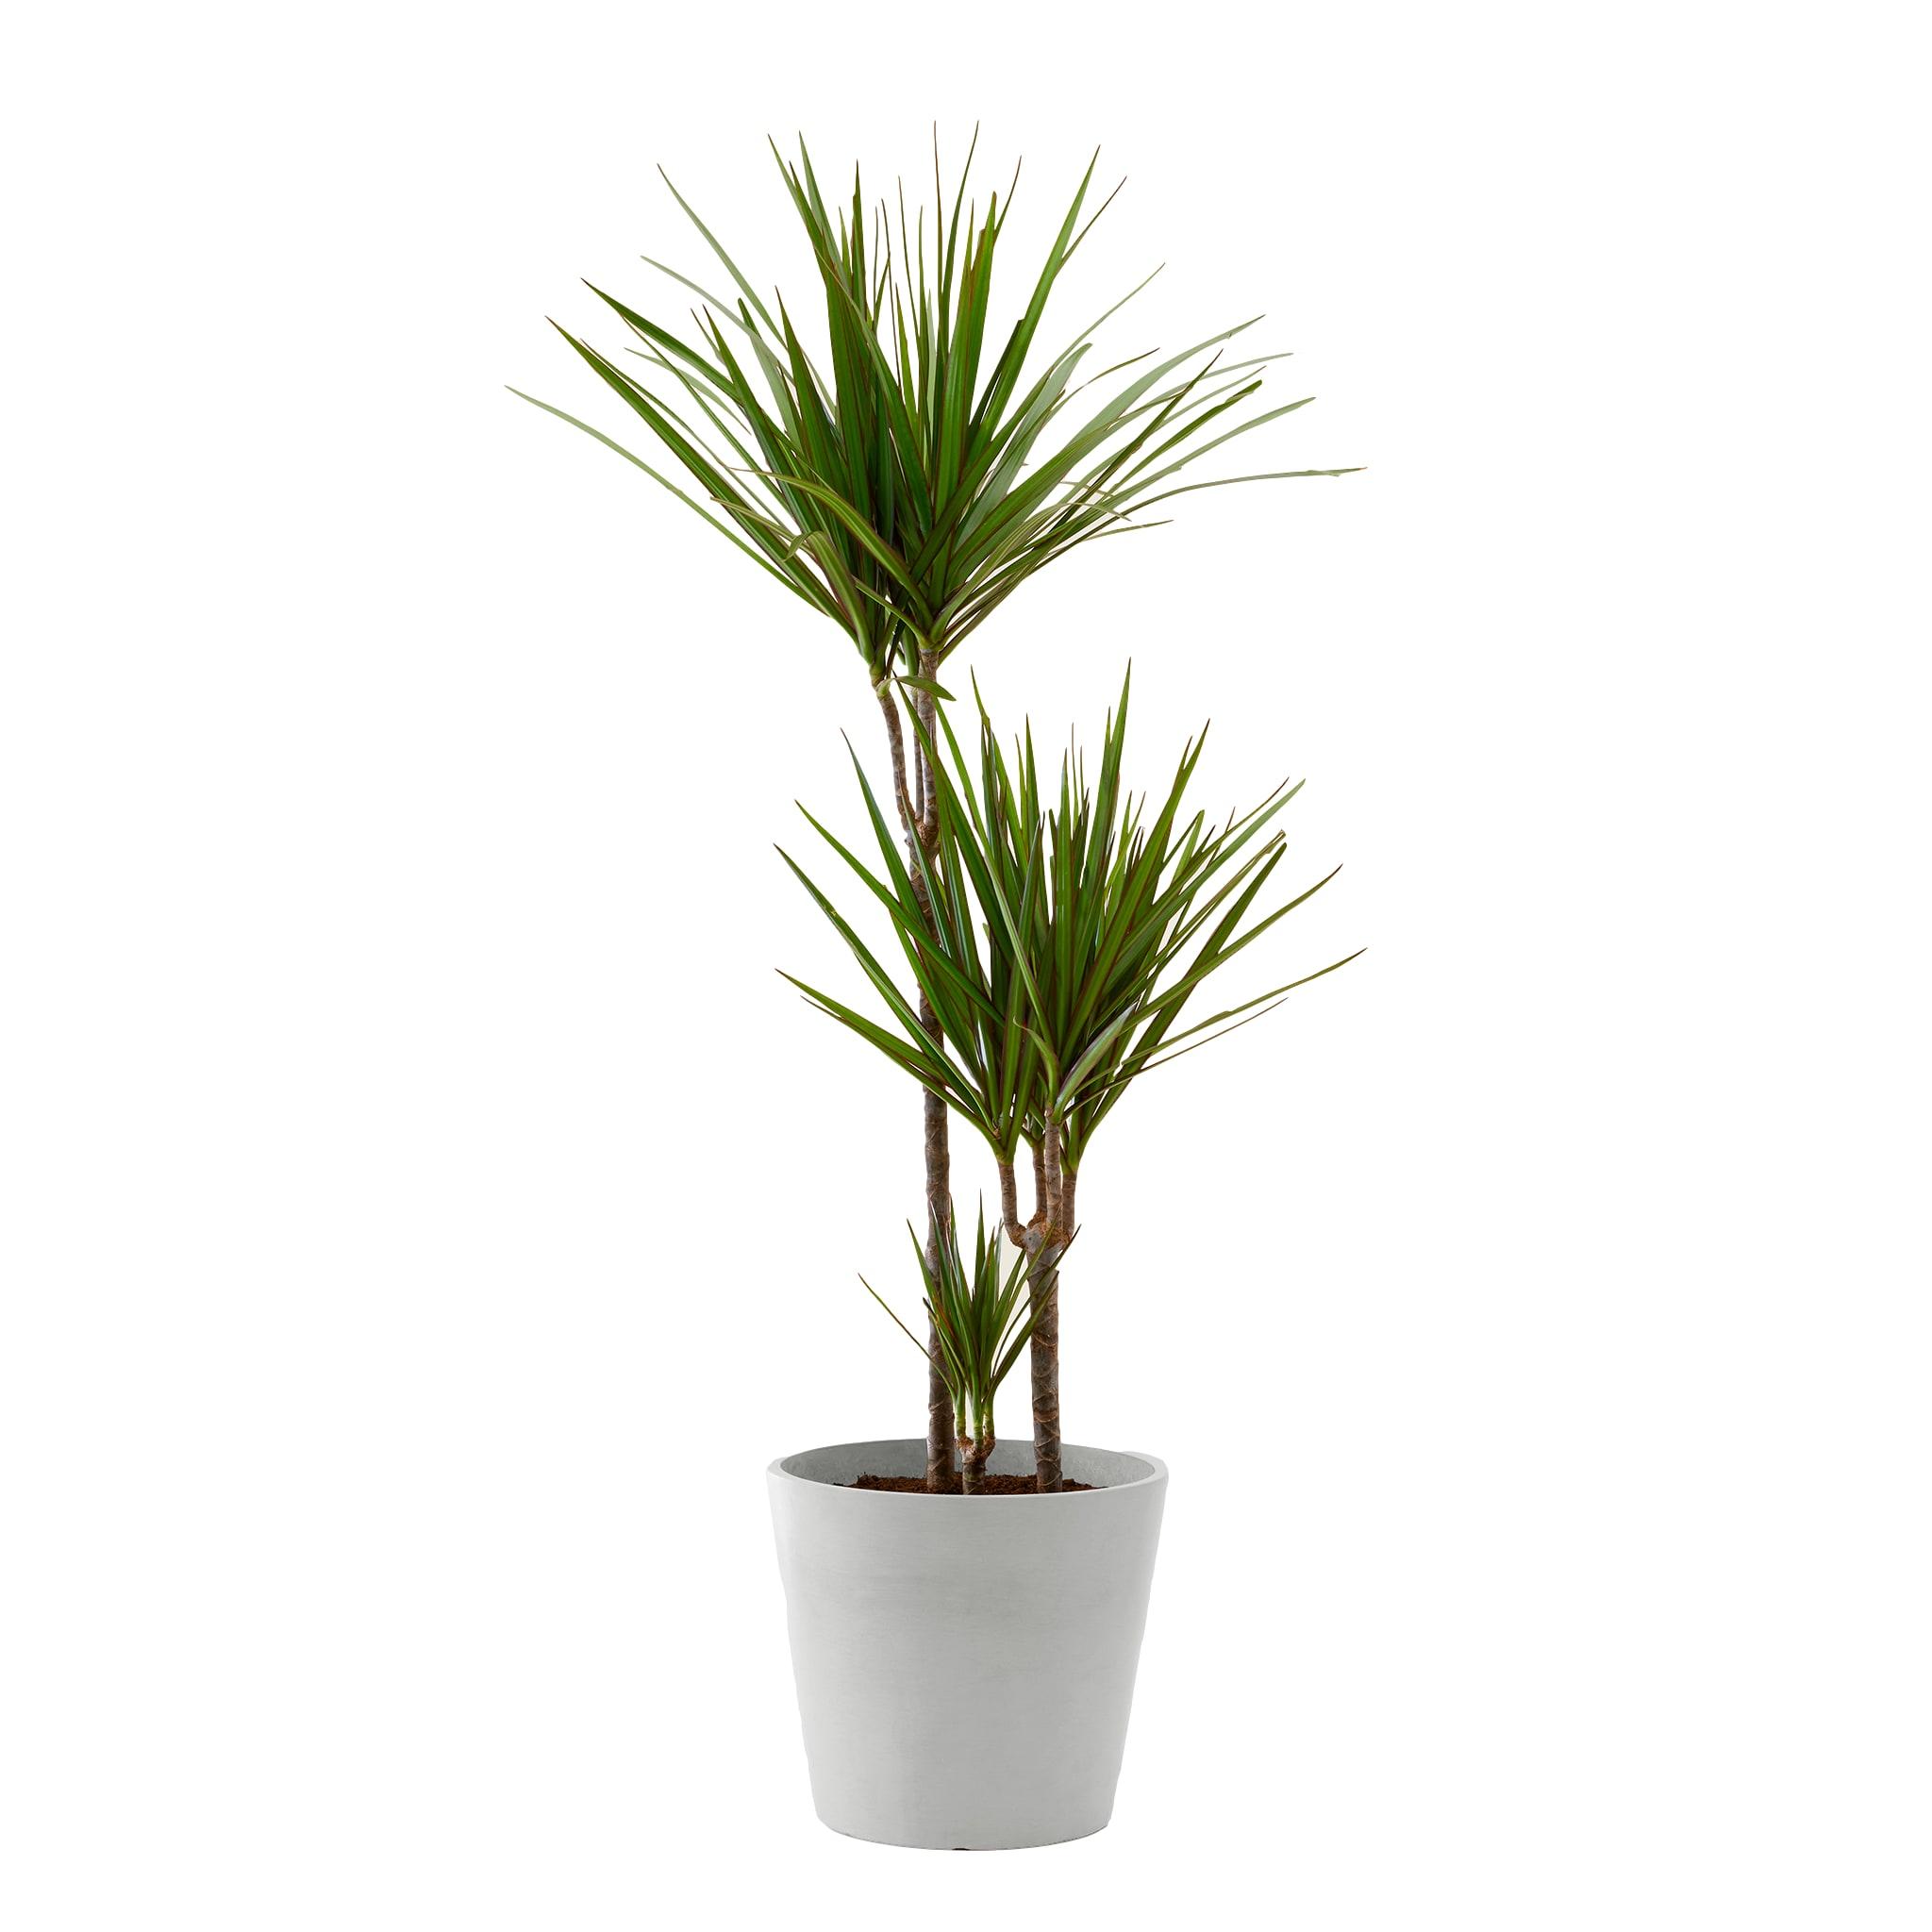 Plante d'intérieur - Dracaena 125 cm en pot blanc gris